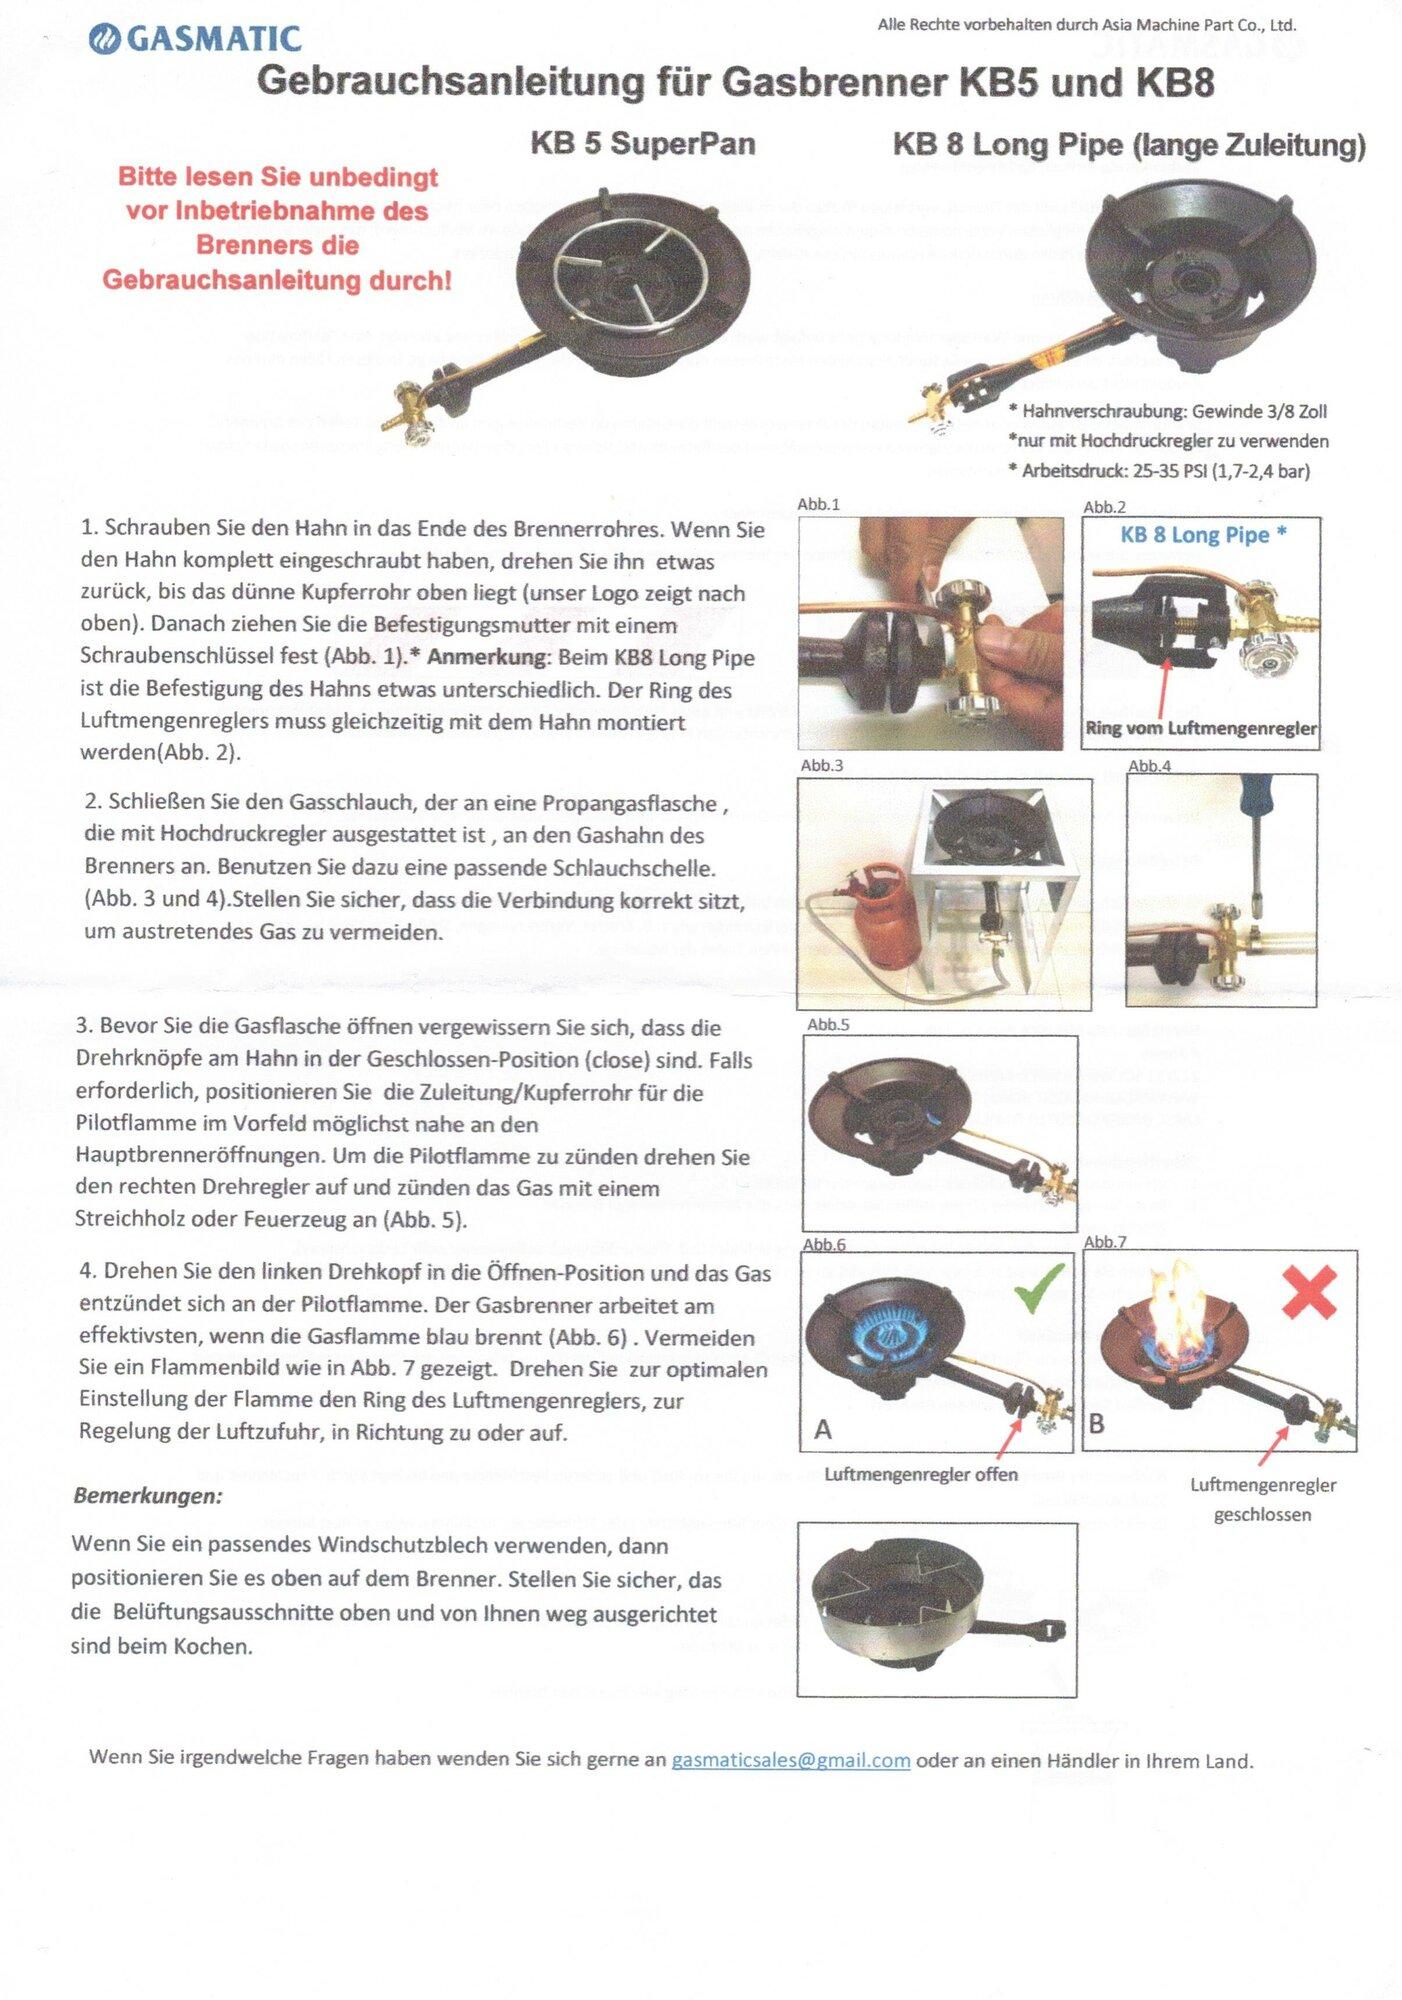 Gasmatic Wok Brenner Bedienanleitung 1.jpg